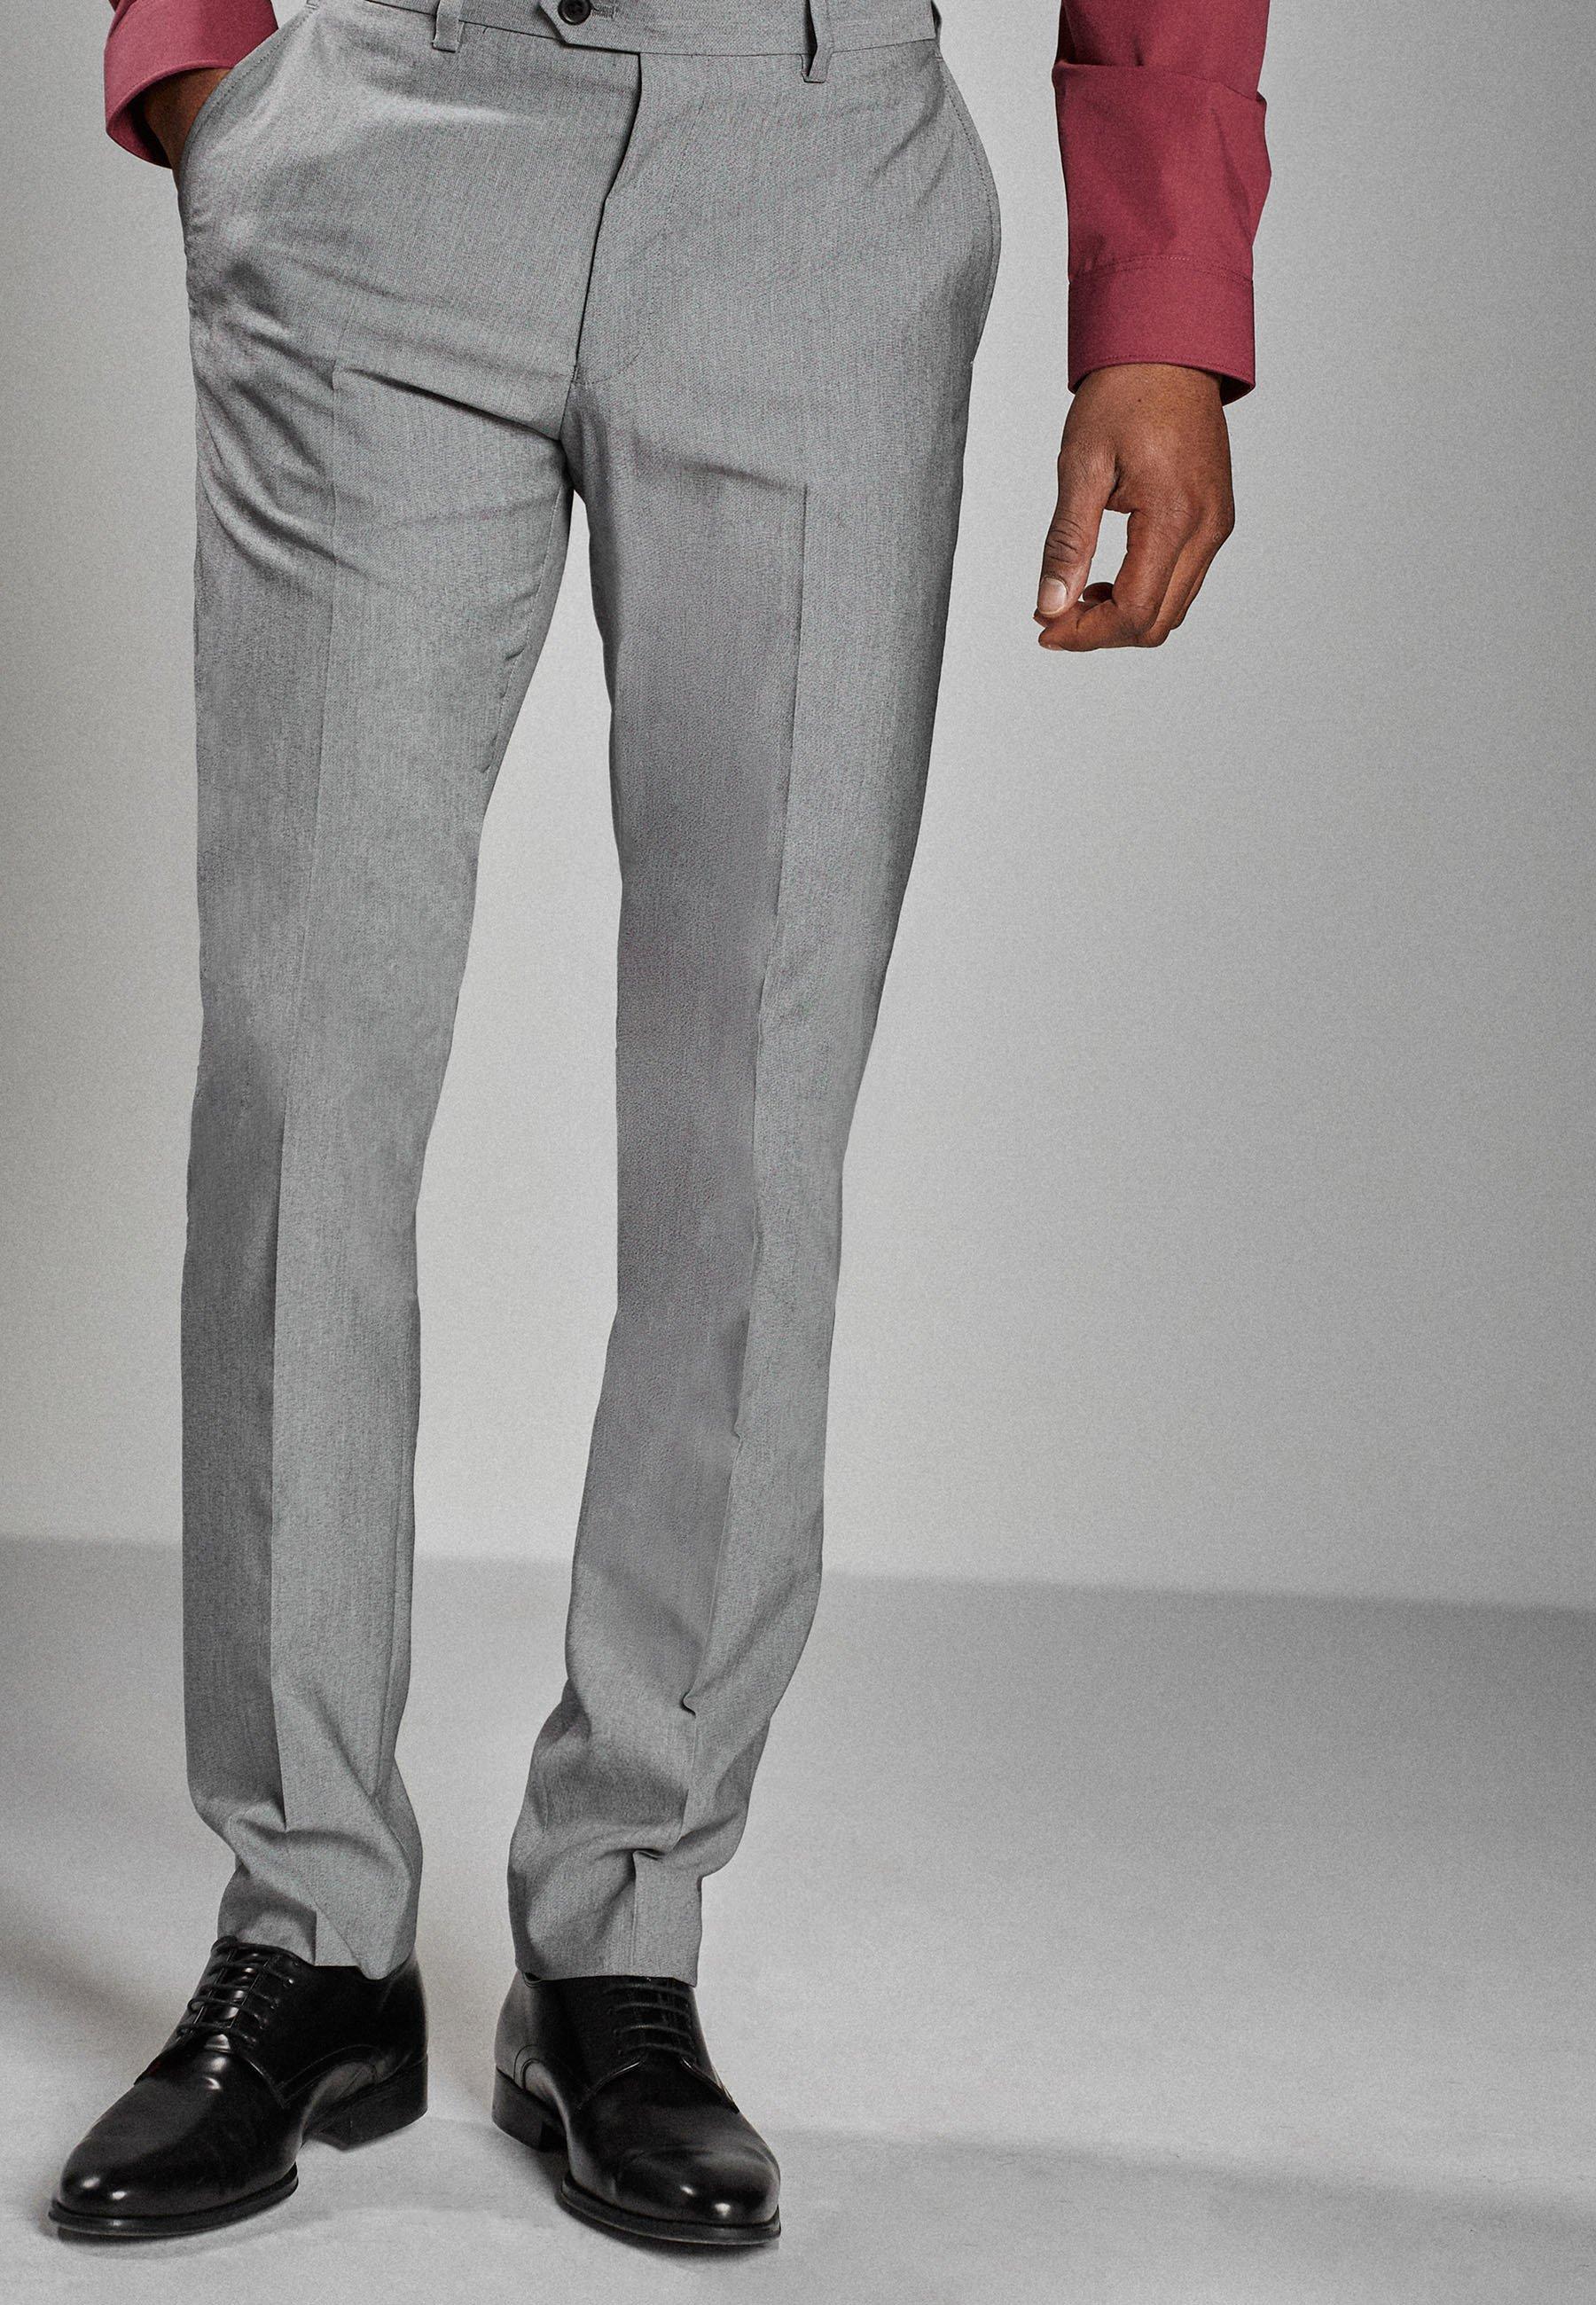 Homme STRETCH TONIC SUIT: TROUSERS-SLIM FIT - Pantalon de costume